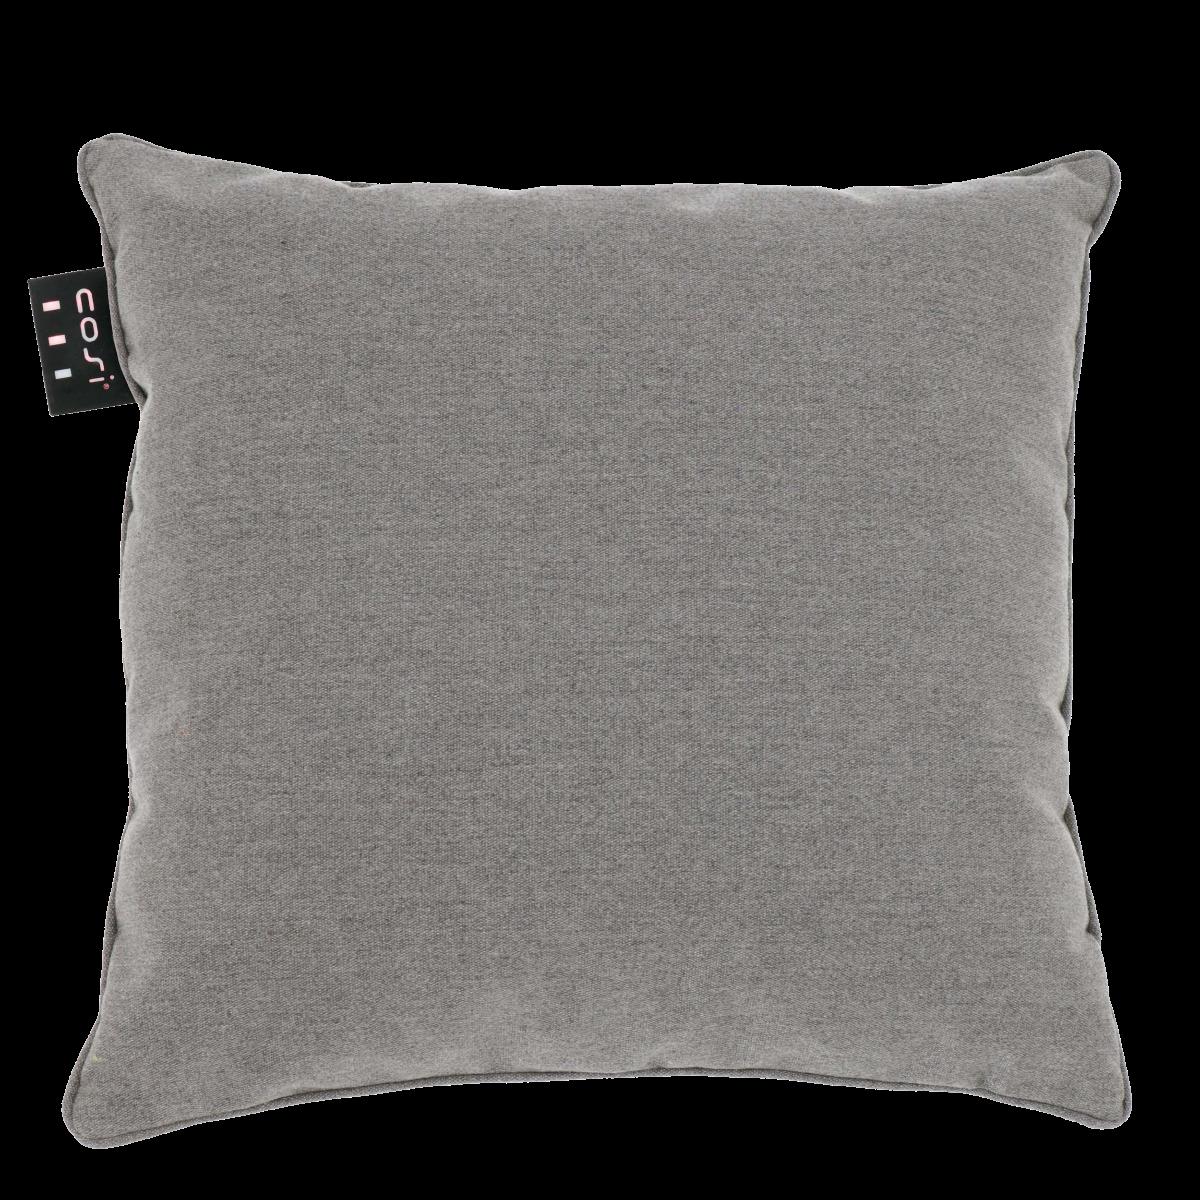 Cosipillow Solid verwarmend kussen 50x50 cm